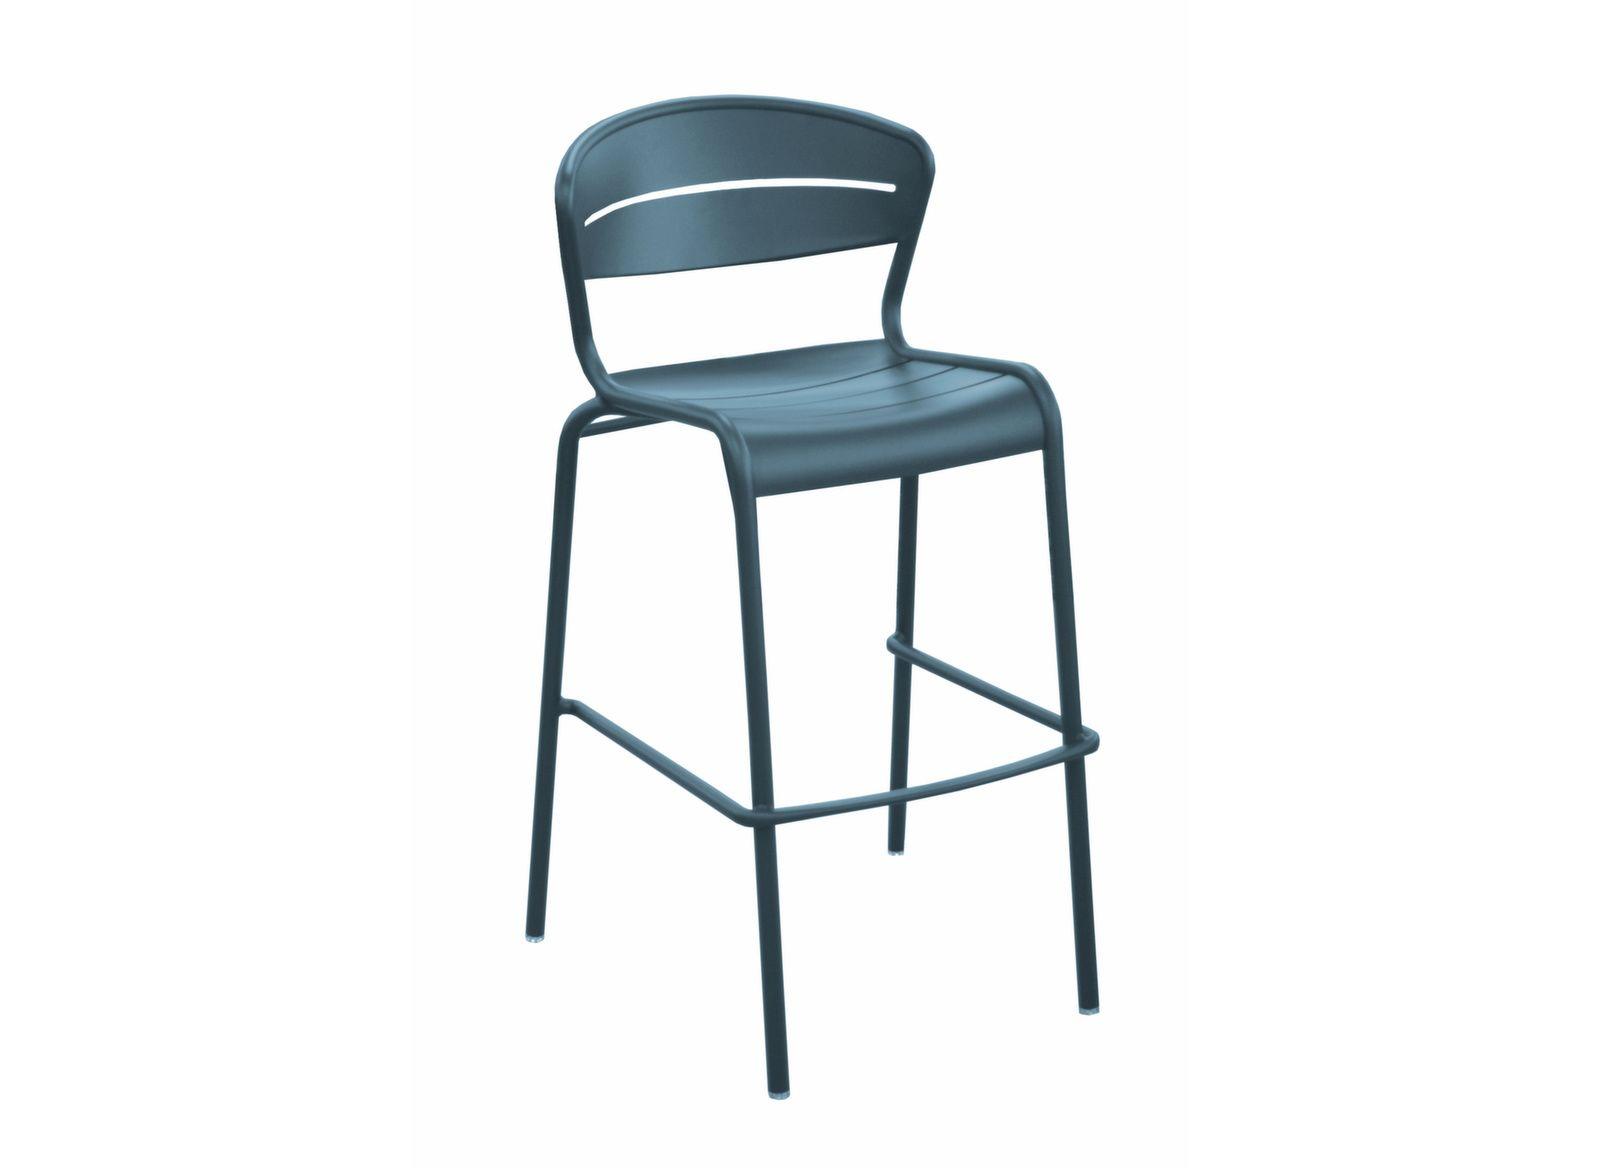 Chaise haute Haora